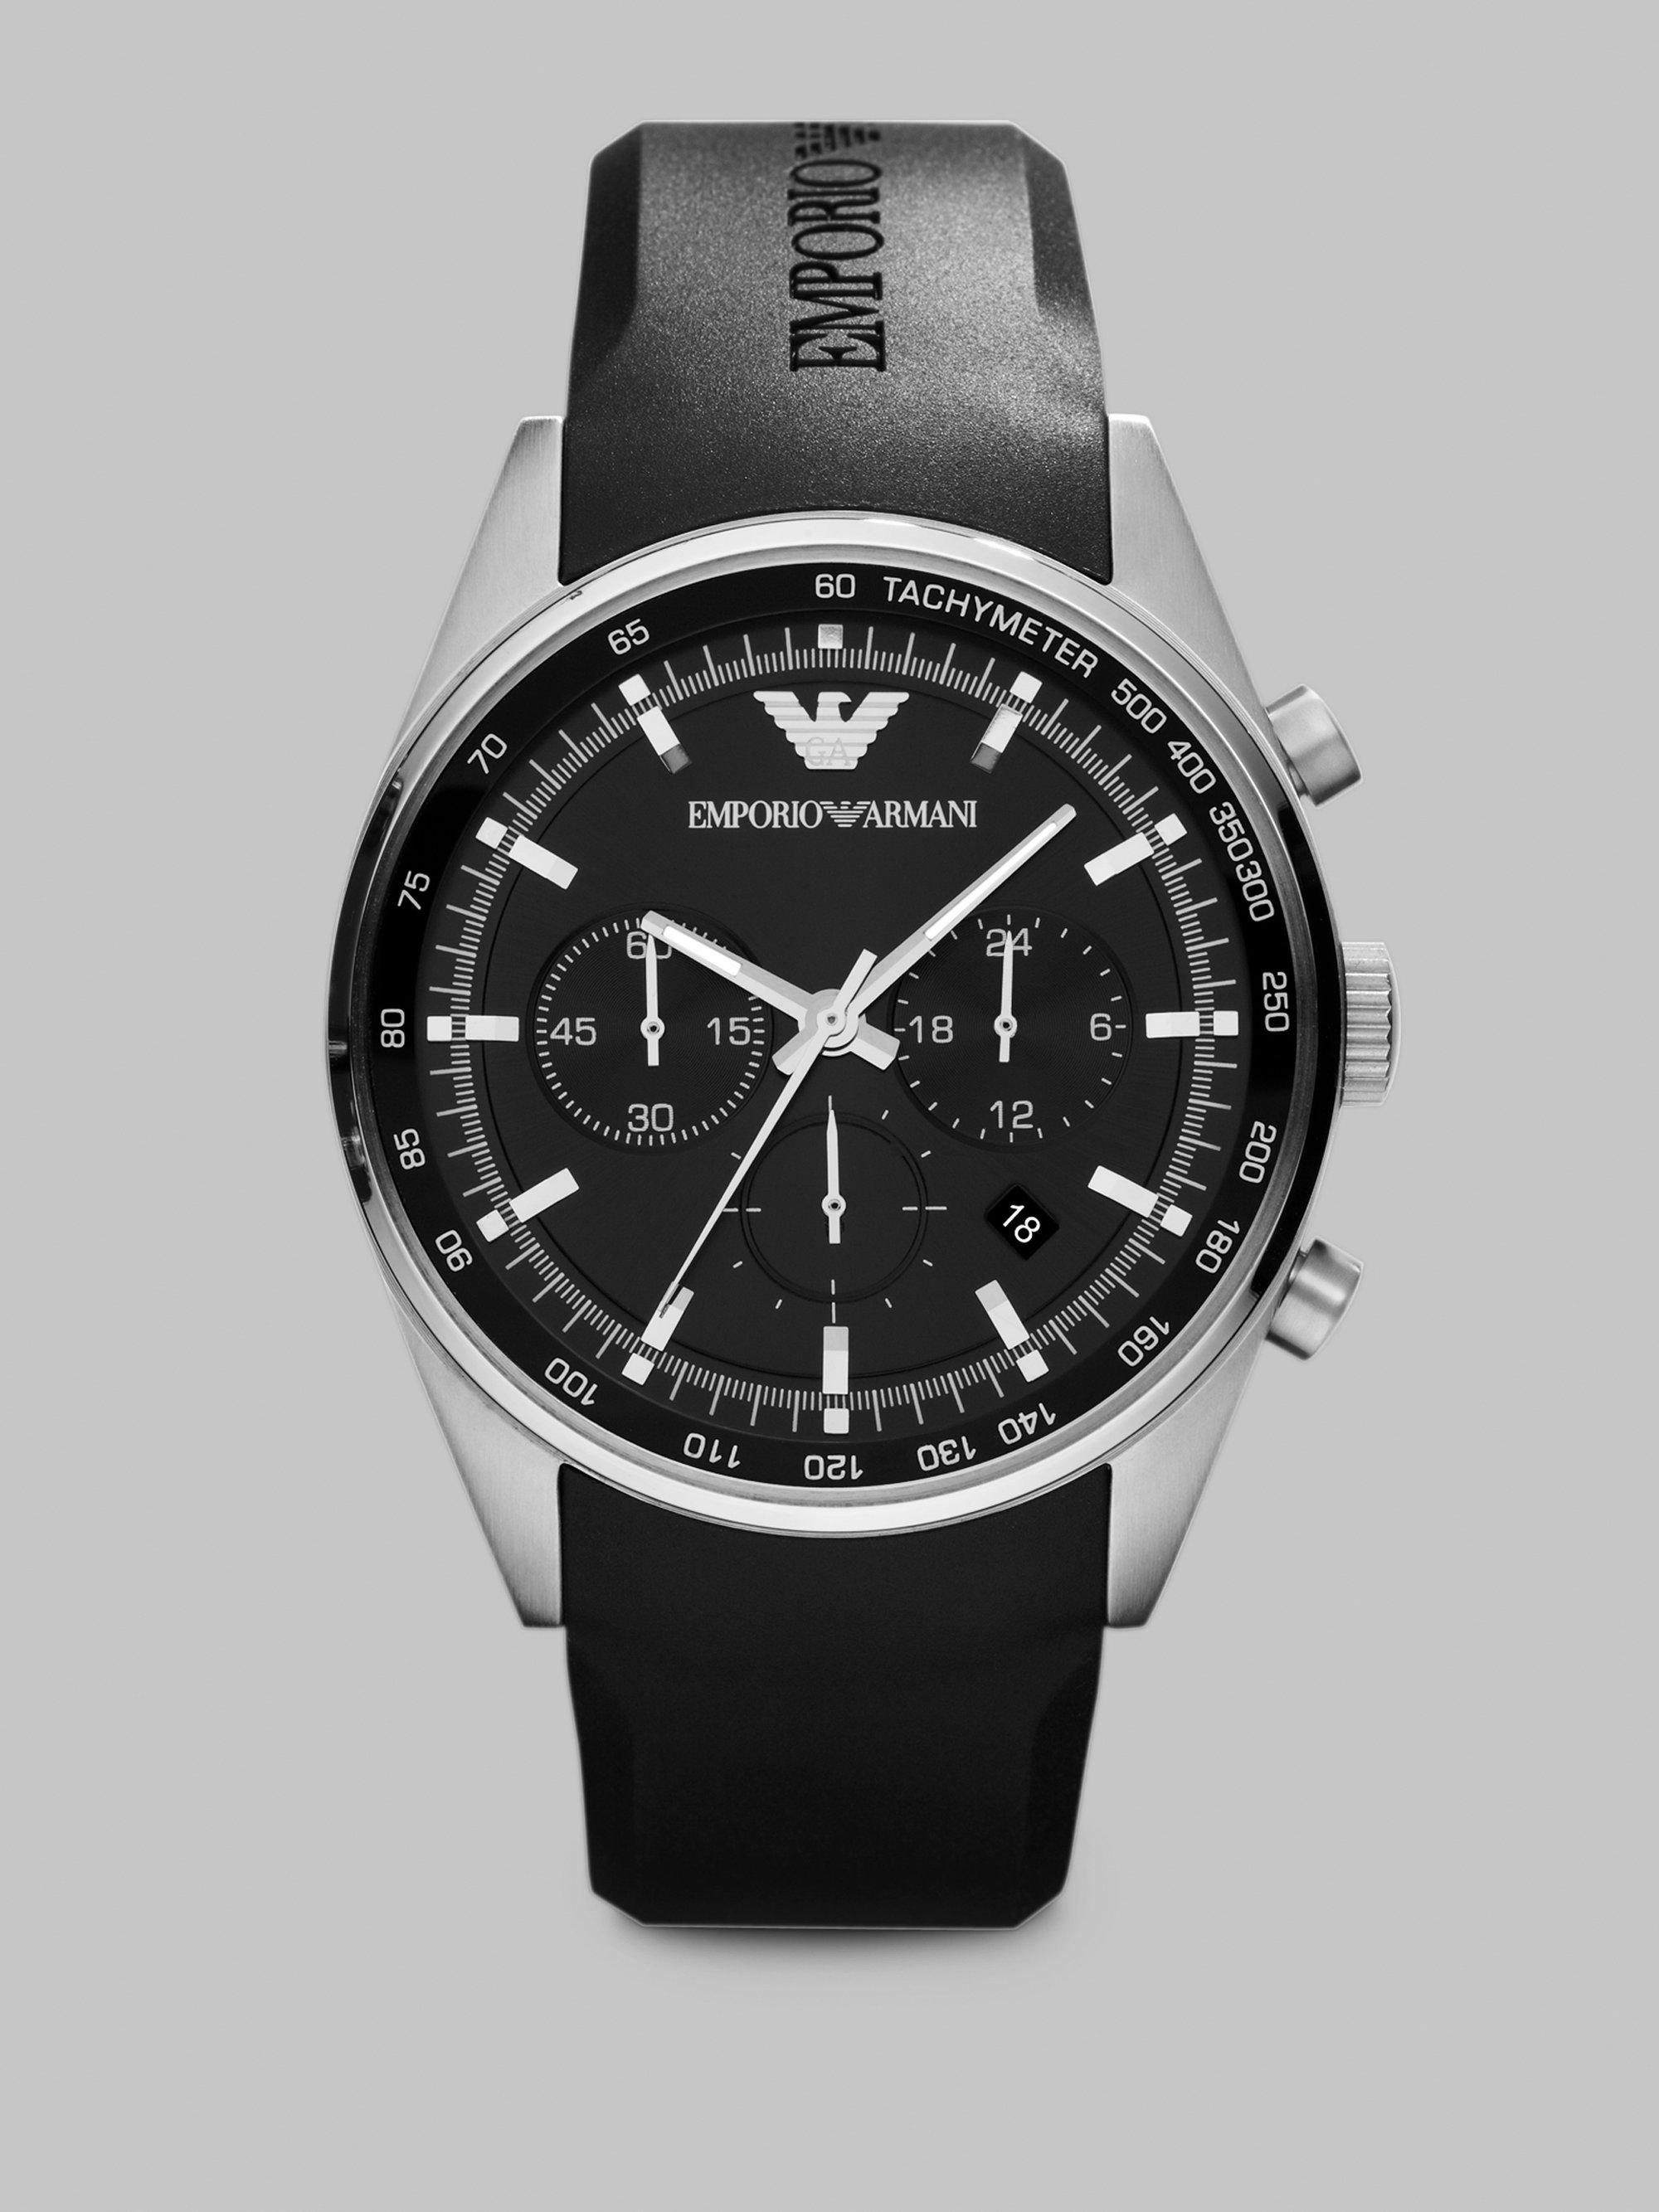 online hier verschiedene Arten von Neue Produkte Stainless Steel Chronograph Watch